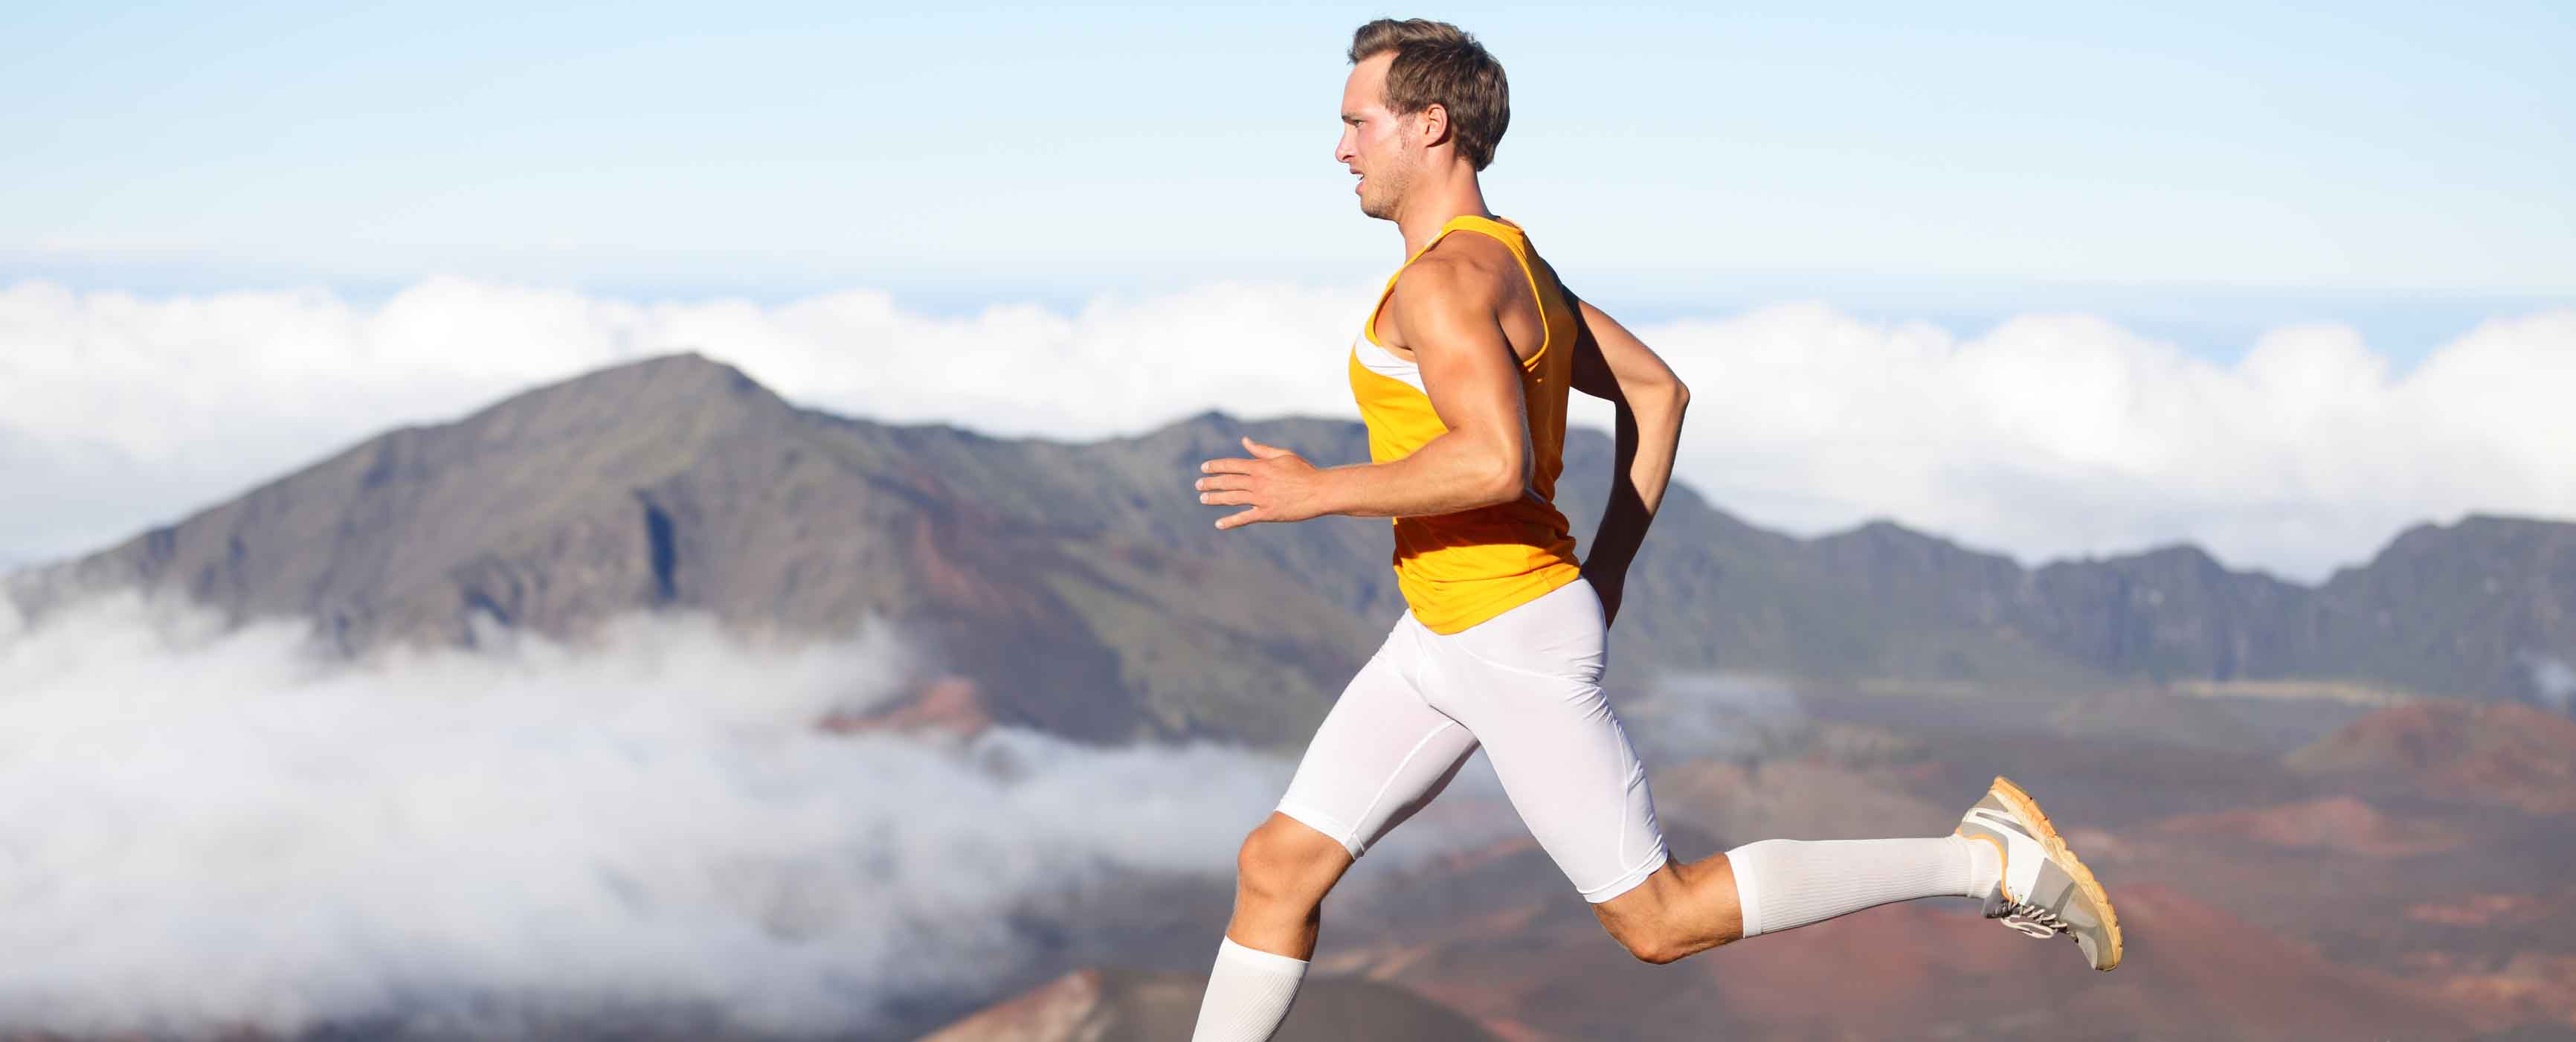 Runner man athlete running sprinting fast